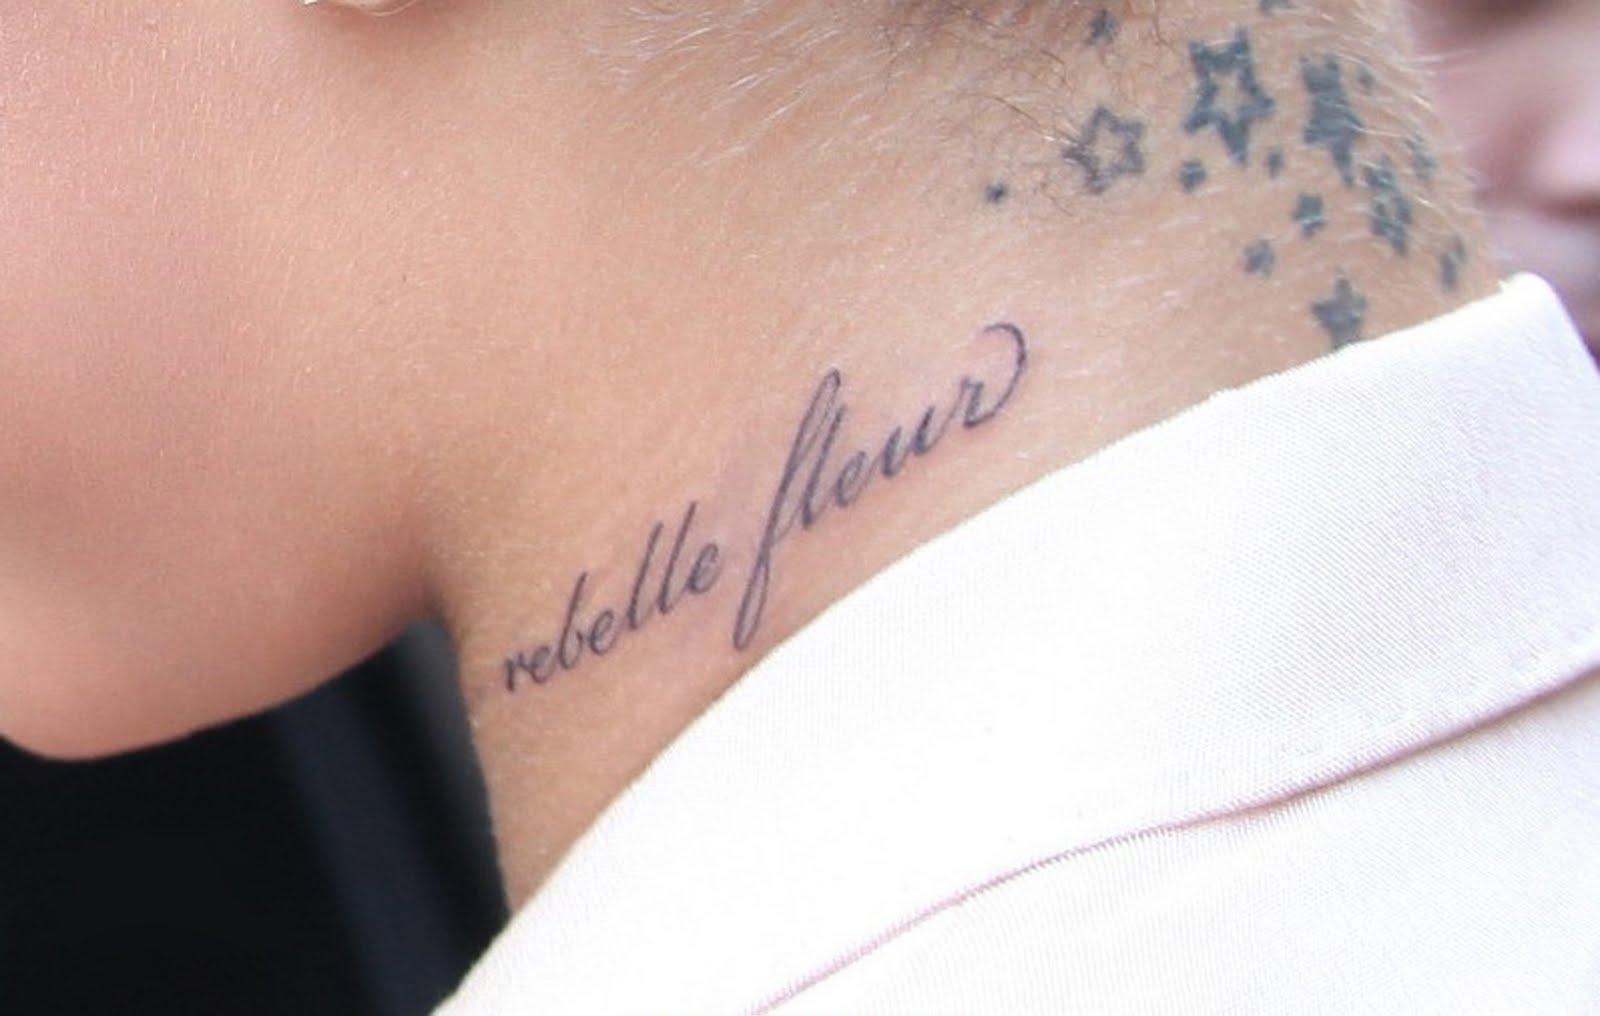 http://2.bp.blogspot.com/_Y9y6b1q_F7Y/TGMGQSSPveI/AAAAAAAAAIo/ocvg1rA_mIU/s1600/New+Tattoo0ba.jpg